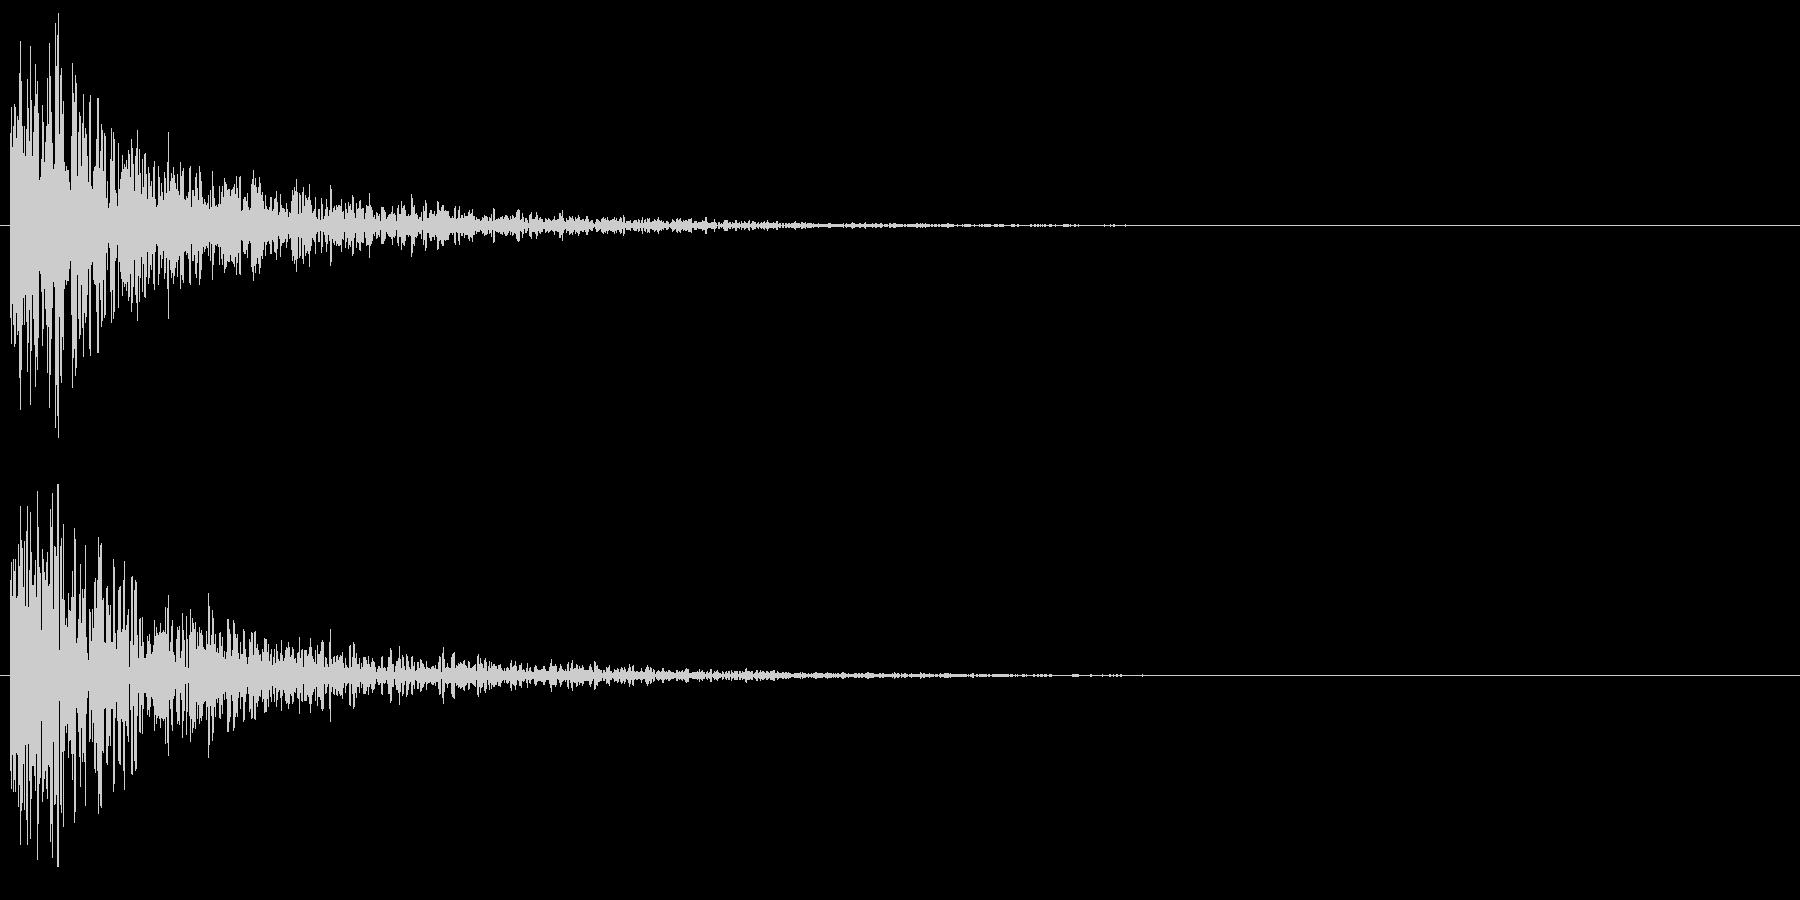 インパクト音 (ドーン)_002の未再生の波形